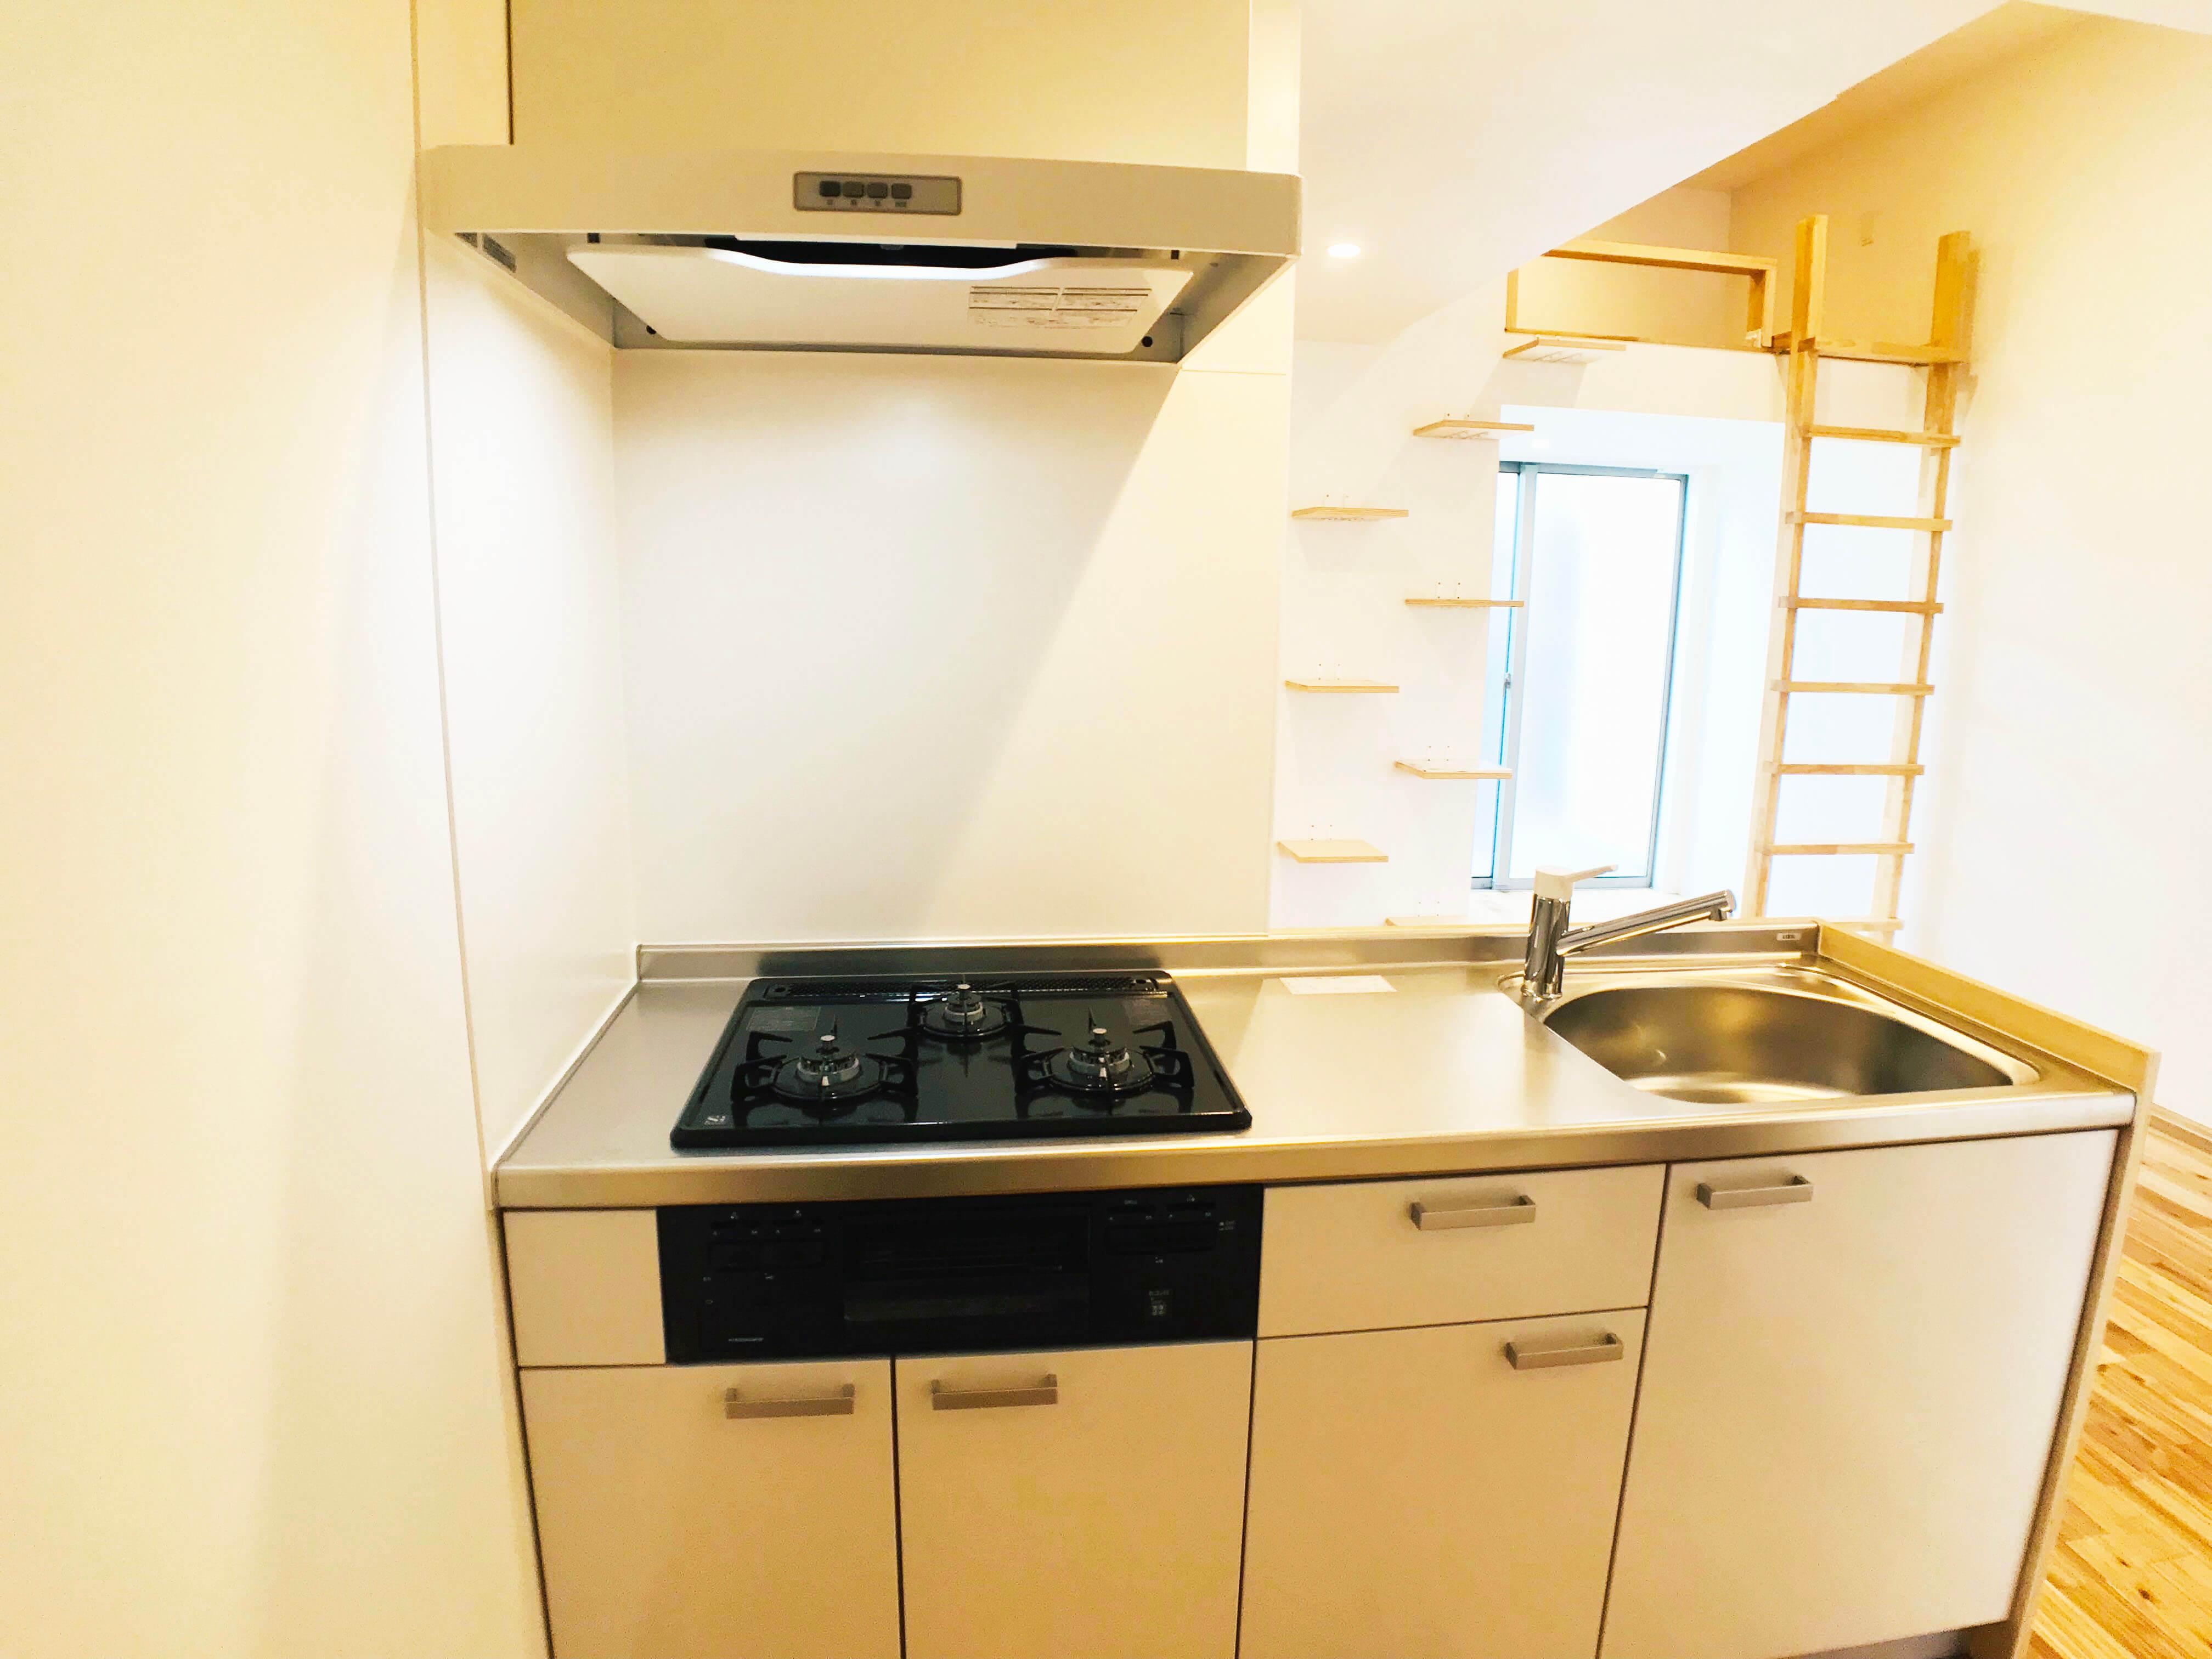 101号室・103号室のキッチン ガスコンロに安全ロック機能付き